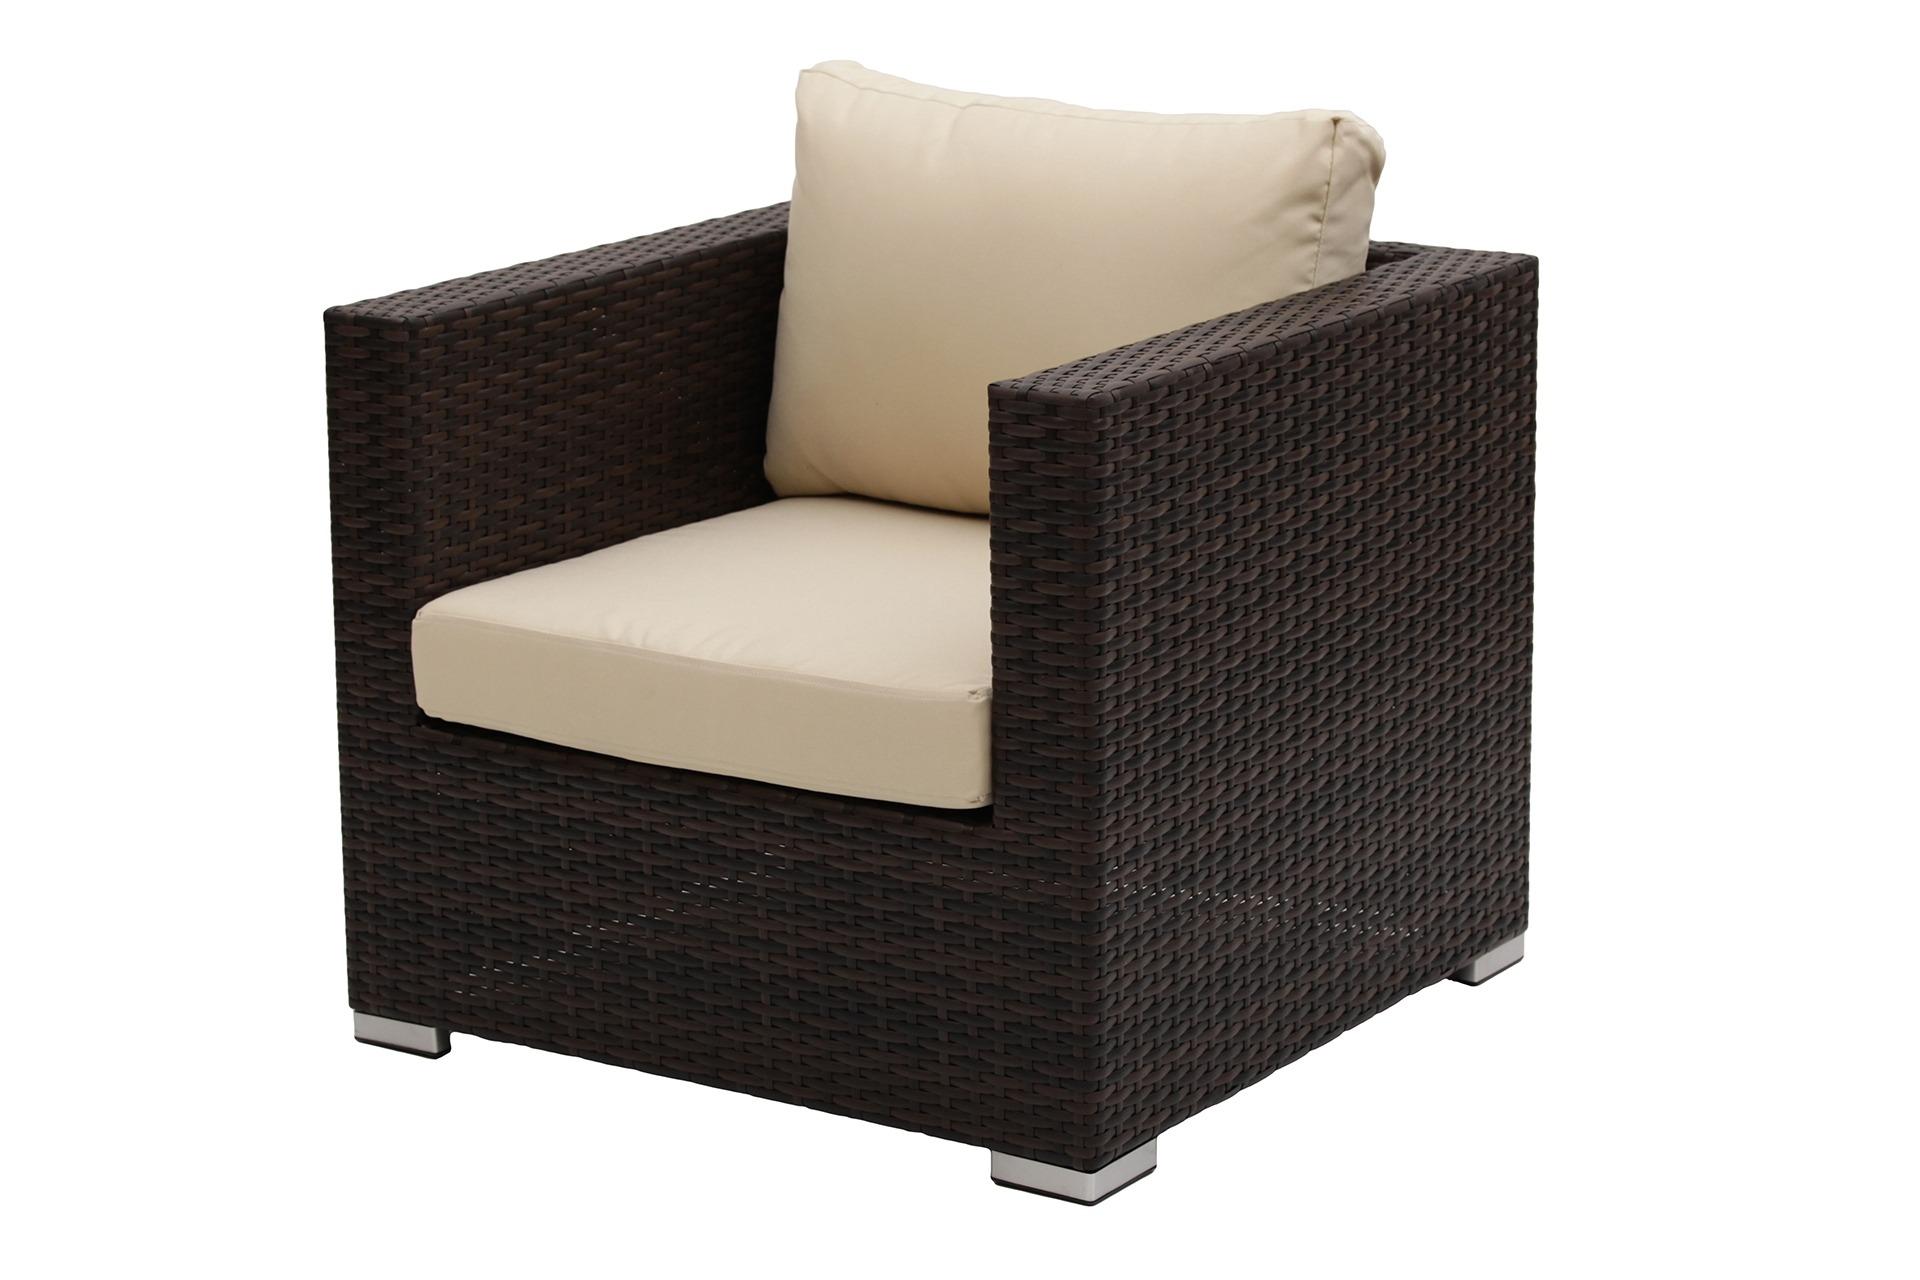 Rattan Fotel és Rattan Szék | kerti bútorok